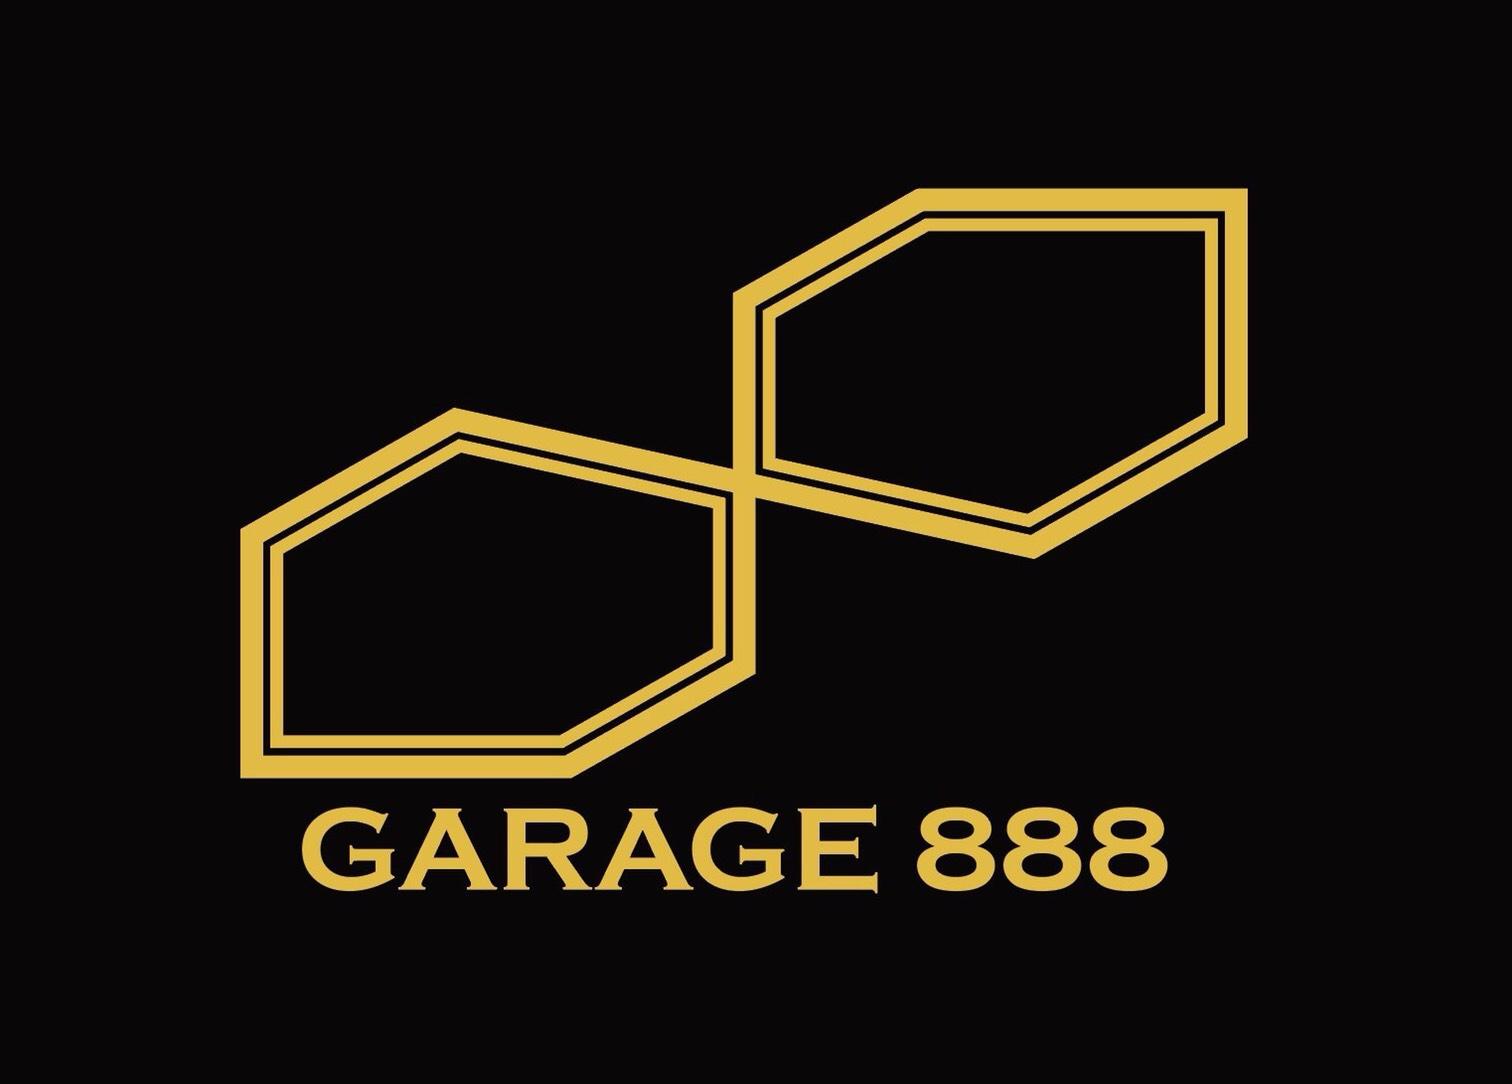 GARAGE 888